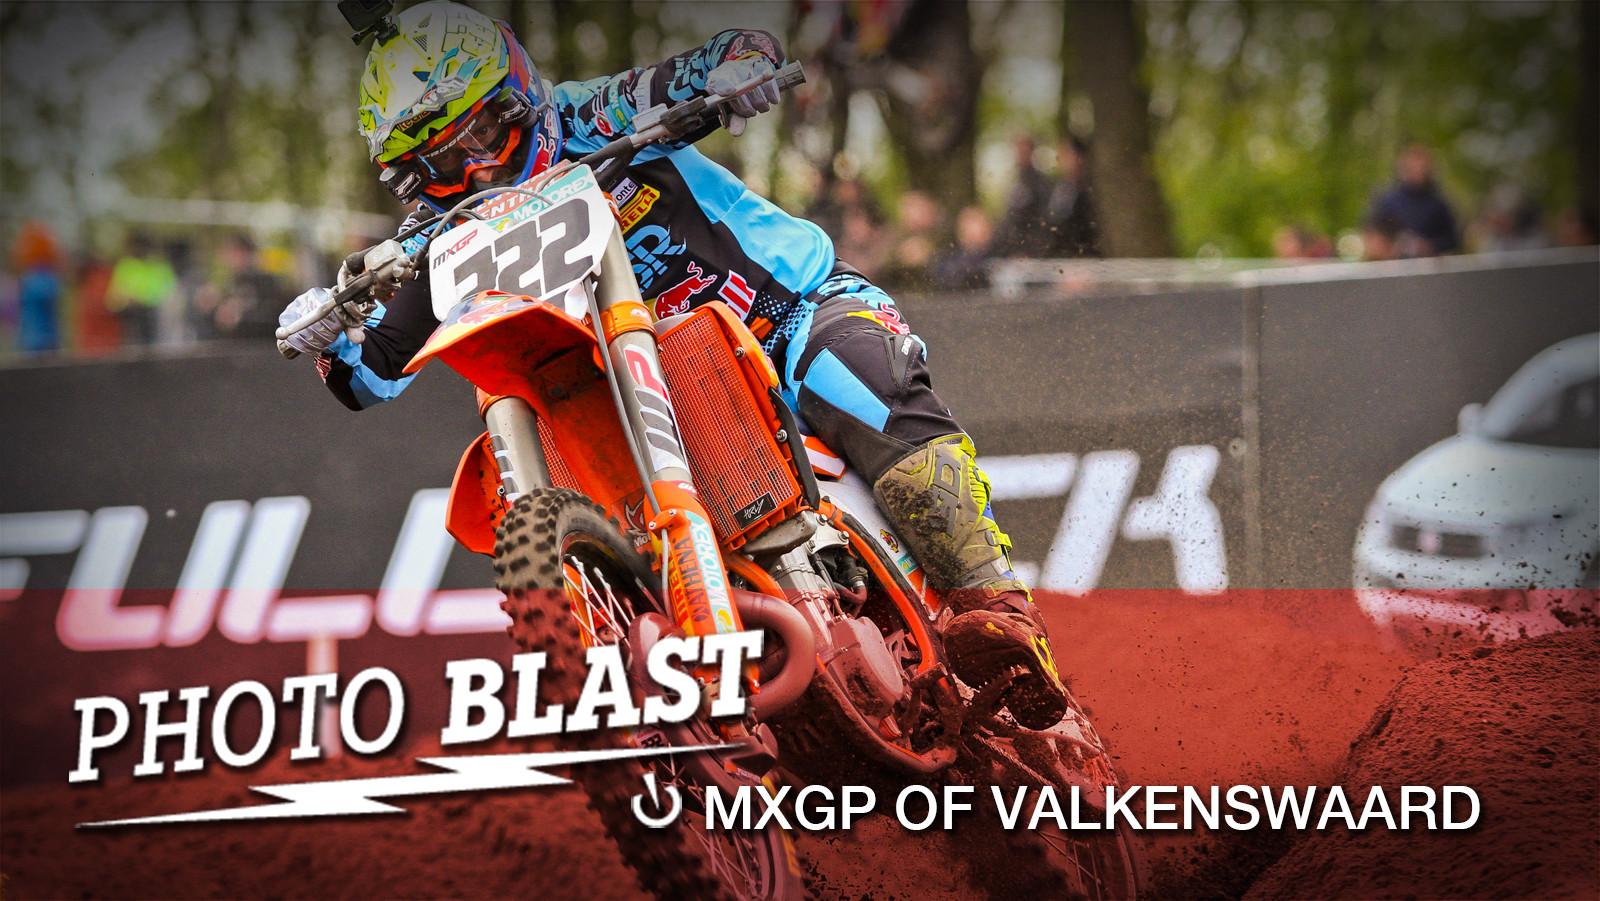 Photo Blast: 2017 MXGP of Valkenswaard - Antonio Cairoli - Photo Blast: 2017 MXGP of Valkenswaard - Motocross Pictures - Vital MX